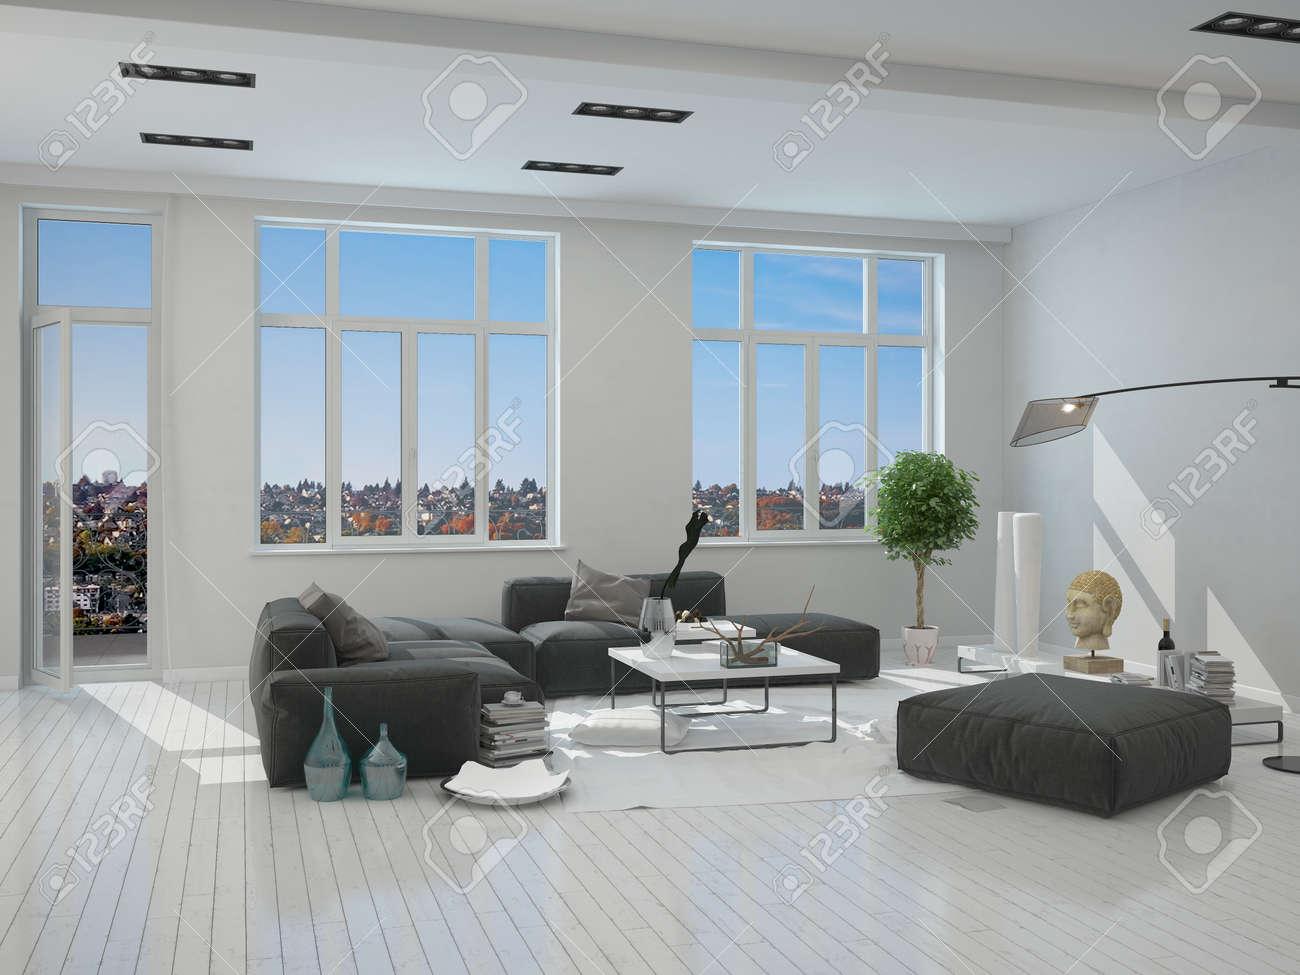 Noir Et Gris Meubles Dans Un Salon Elegant Interieur D Une Maison